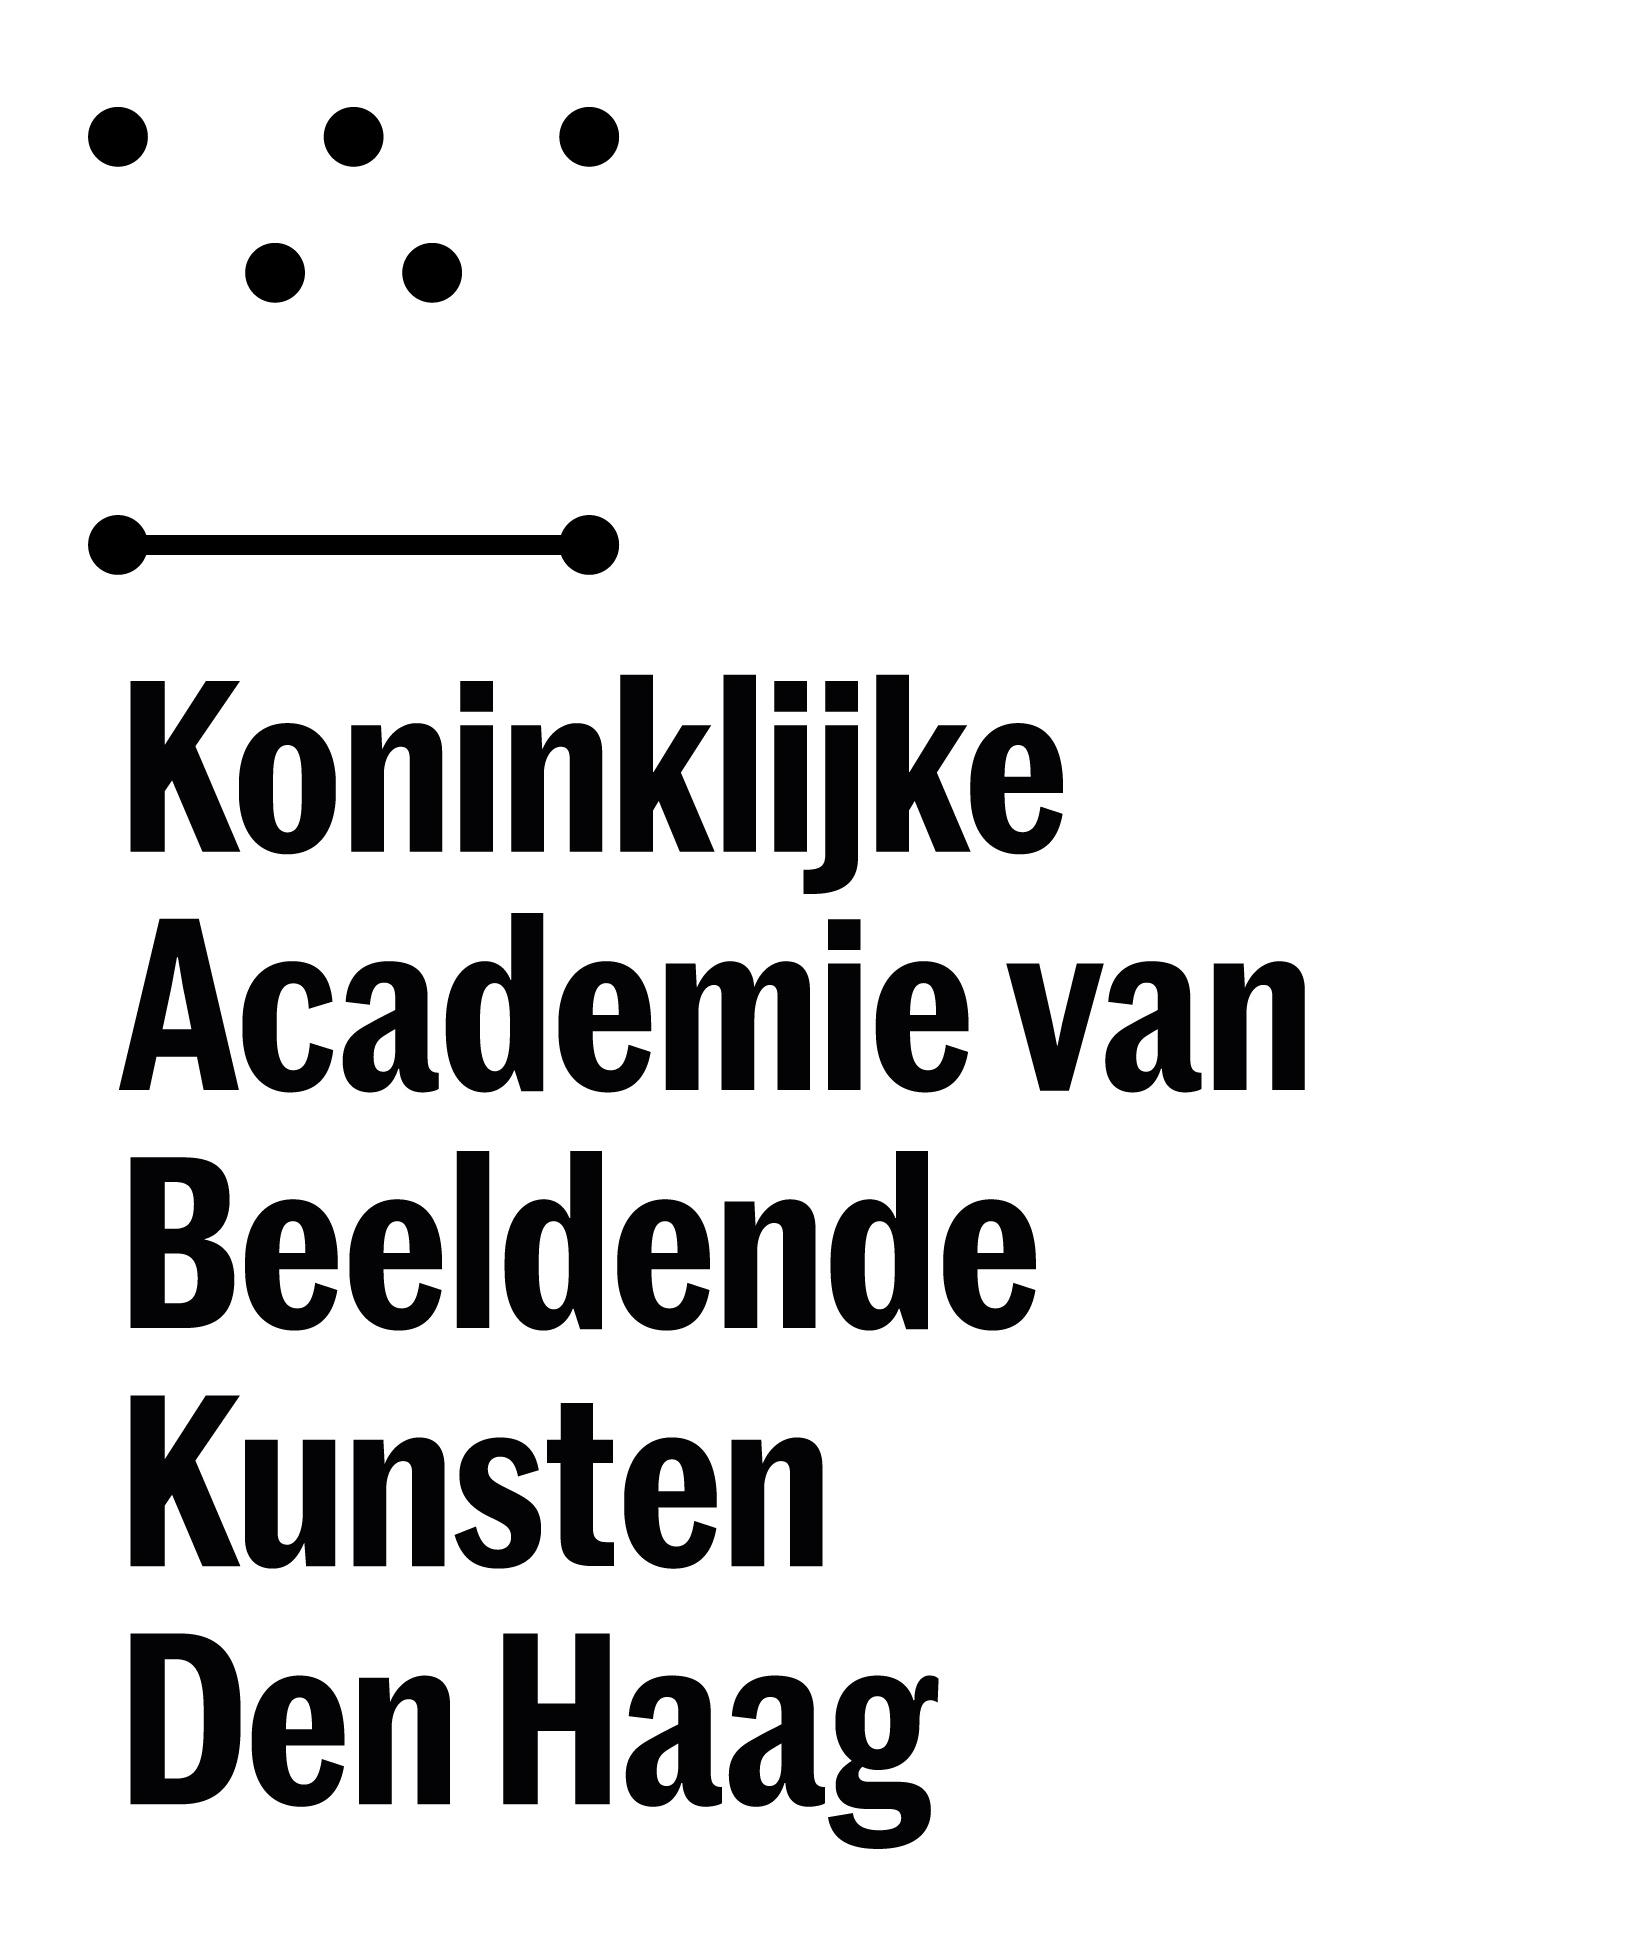 Koninklijke Academie van Beeldende Kunsten in Den Haag